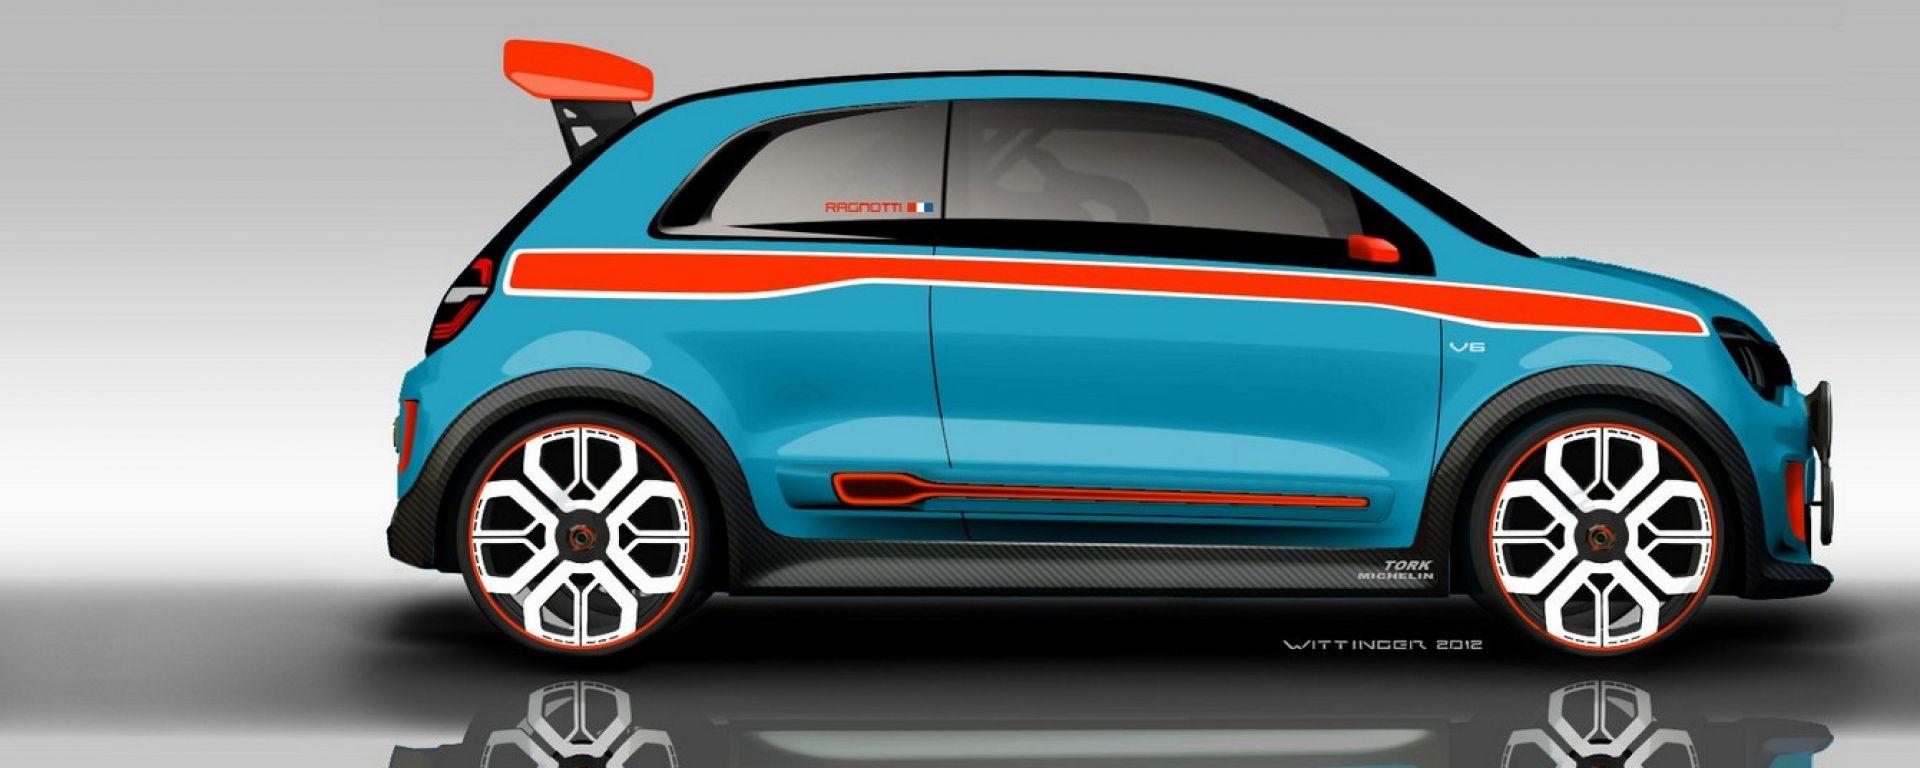 Renault: una Twingo nuova nel 2018? Ecco cosa cambierà